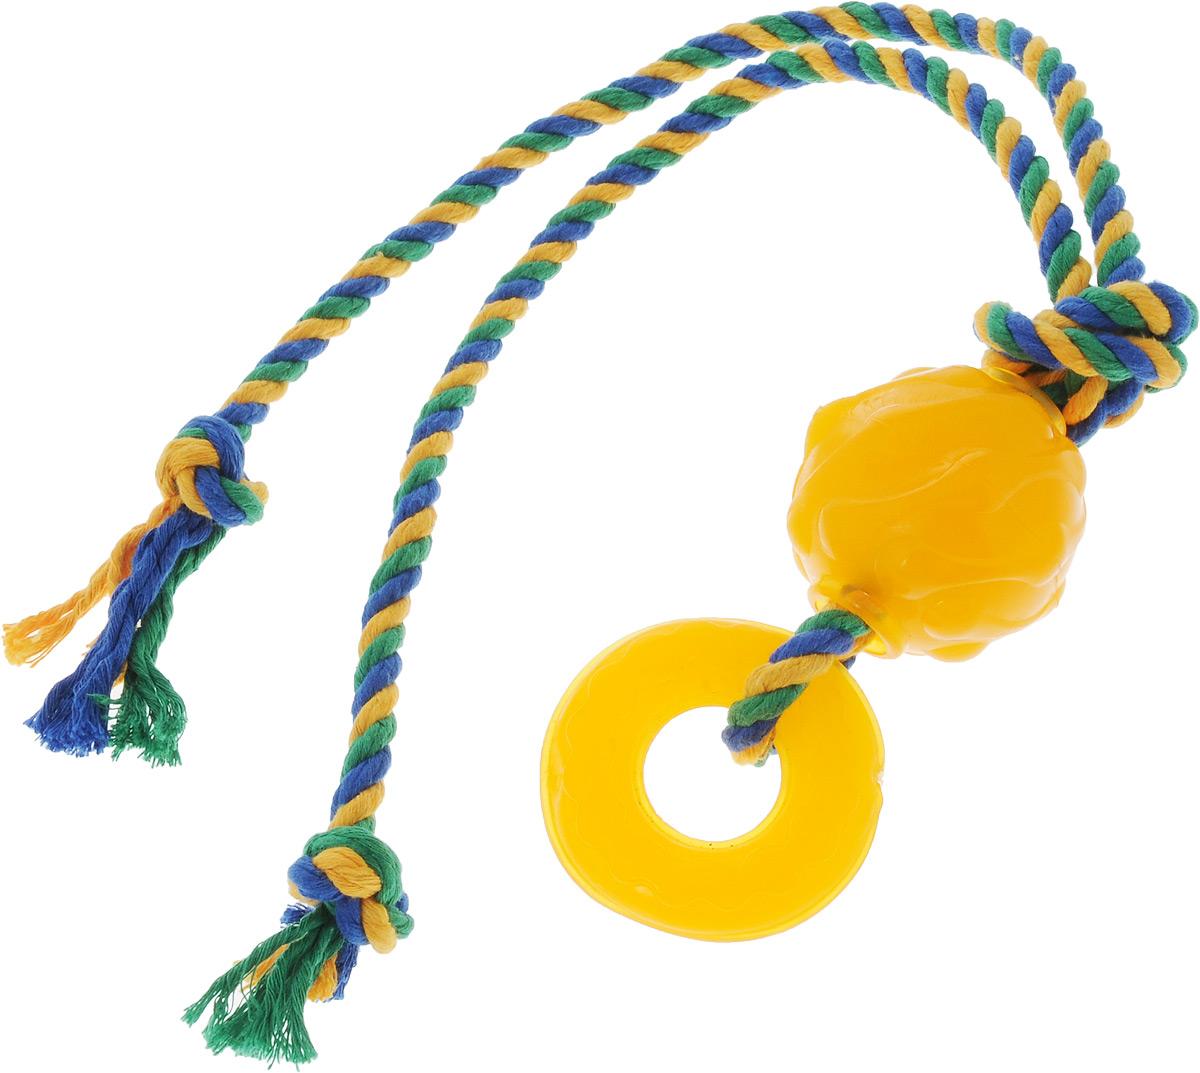 Игрушка для собак Doglike Комета, с канатом, длина 60 смD12-1115Игрушка Doglike Комета служит для массажа десен и очистки зубов от налета и камня, а также снимает нервное напряжение. Игрушка выполнена из резины в виде кольца и шара с нанизанным текстильным канатом. Она прочная и может выдержать огромное количество часов игры. Это идеальная замена косточке. Если ваш пес портит мебель, излишне агрессивен, непослушен или страдает излишним весом то, скорее всего, корень всех бед кроется в недостаточной физической и эмоциональной нагрузке. Порадуйте своего питомца прекрасным и качественным подарком.Размер резиновых игрушек: 7 х 7 х 2 см; 6 х 6 х 6 см. Длина игрушки: 60 см.Уважаемые клиенты! Обращаем ваше внимание на цветовой ассортимент товара. Поставка осуществляется в зависимости от наличия на складе.